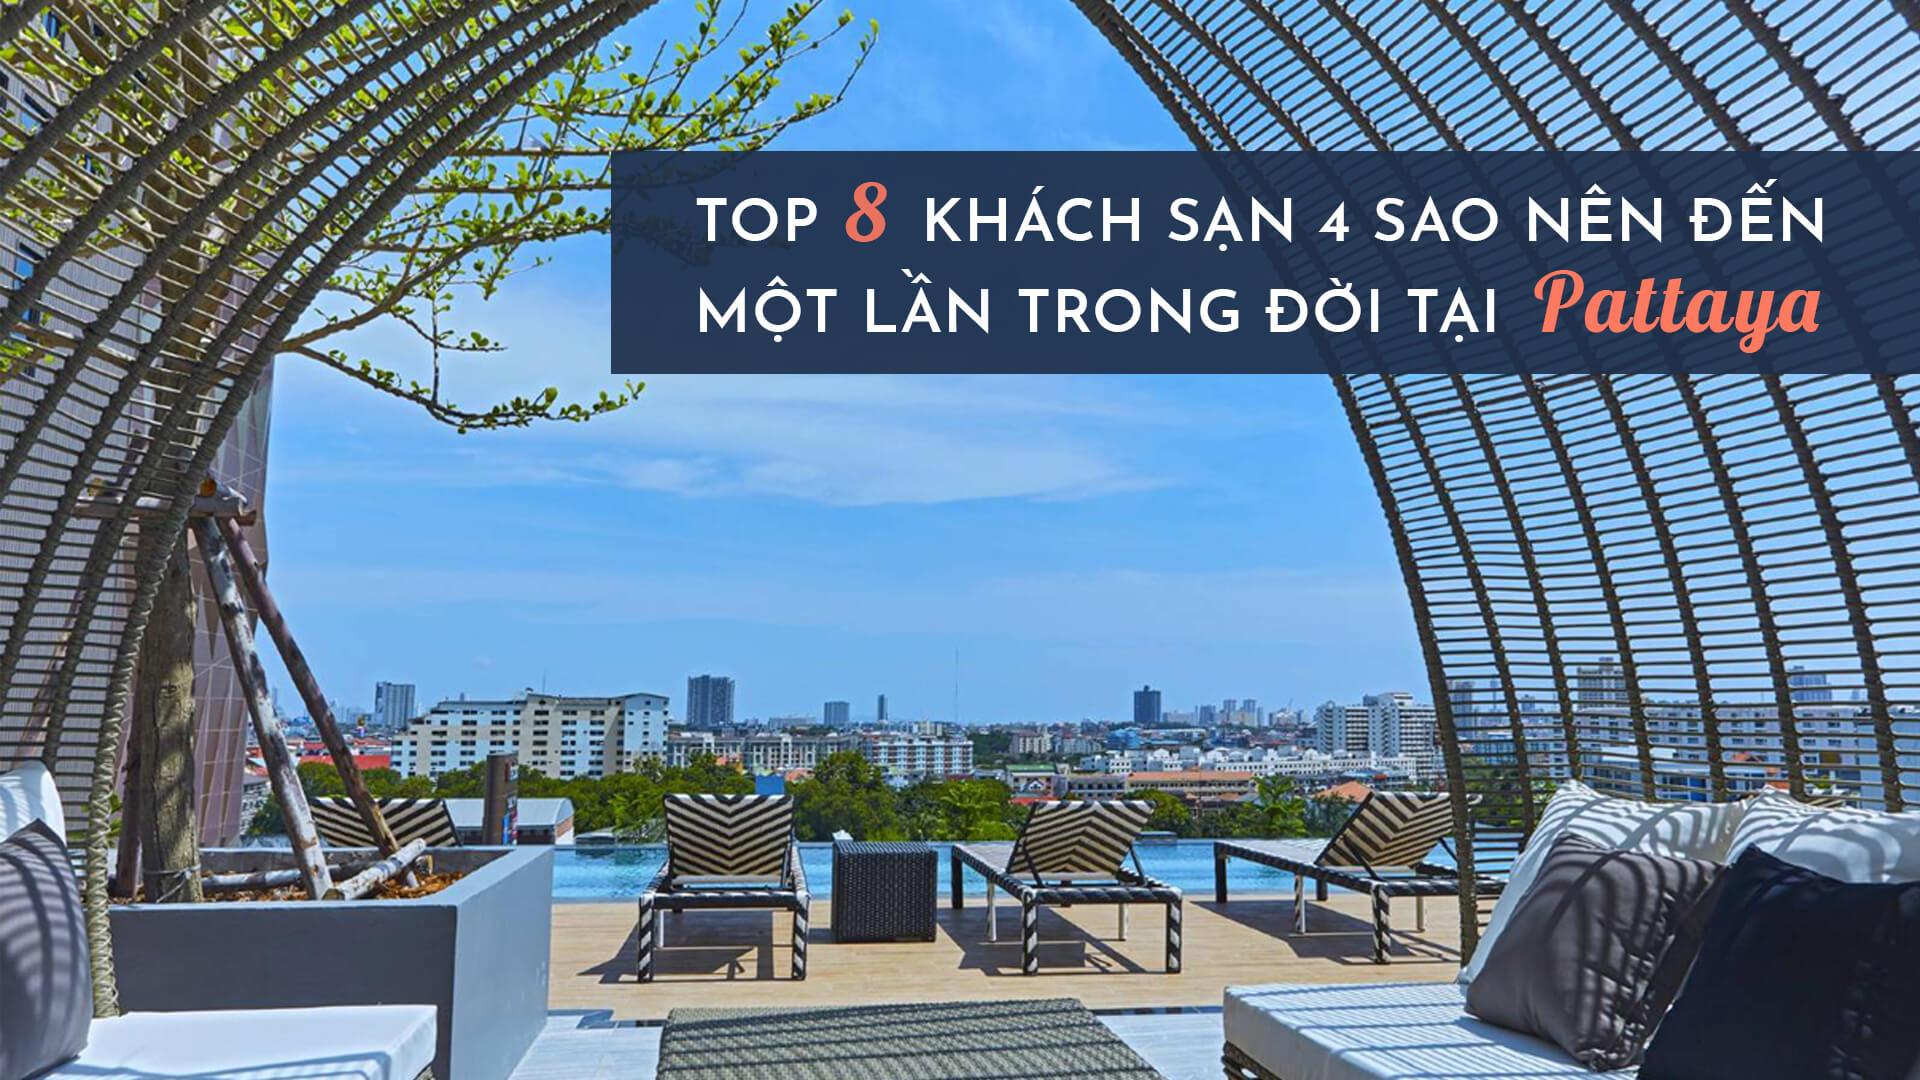 Top 8 khách sạn 4 sao chất lượng tuyệt hảo tại Pattaya